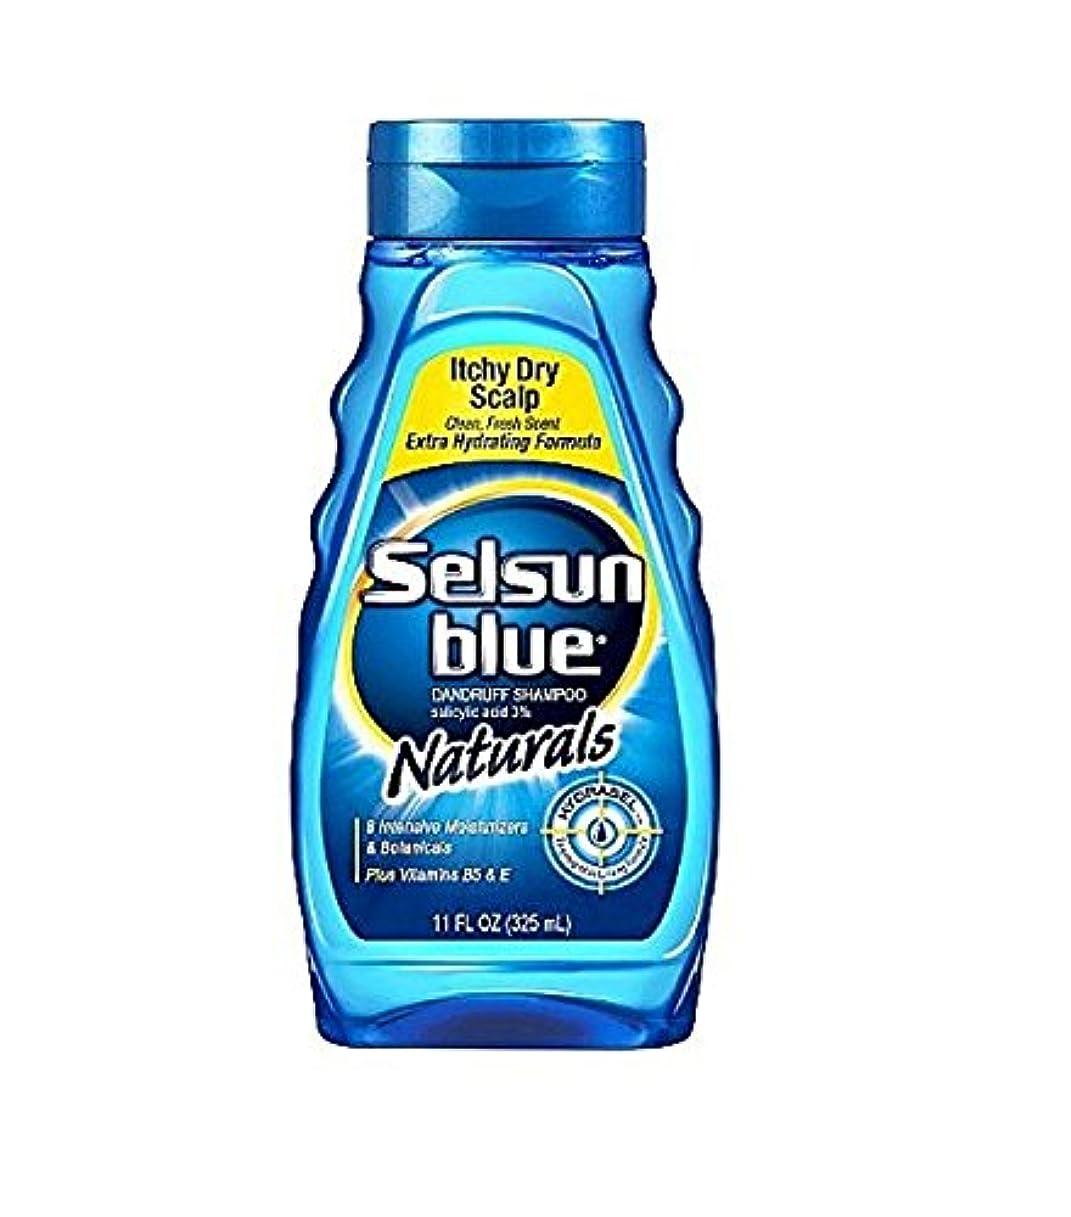 スロット理想的スコットランド人Selsun Blue Naturals Dandruff Shampoo Itchy Dry Scalp 325 ml (並行輸入品)